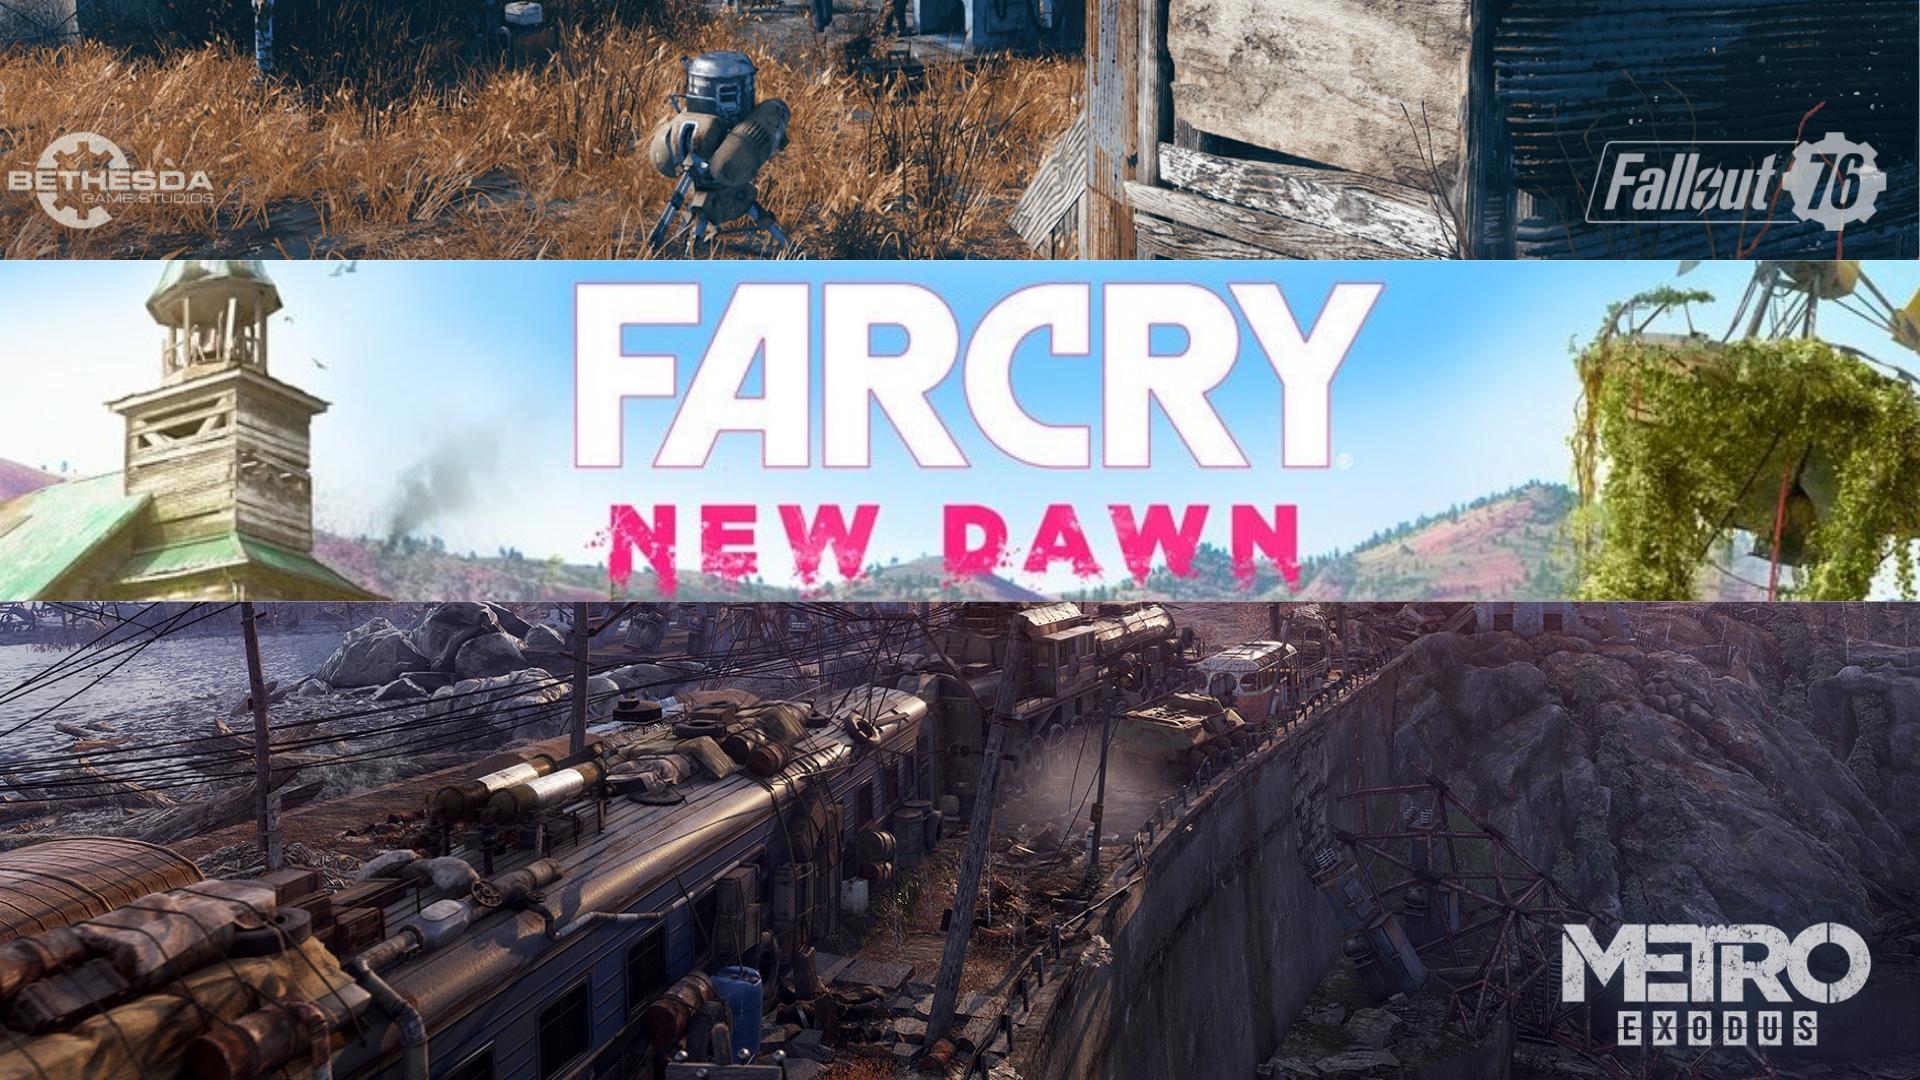 Do dvorečka do dvora smutný mesiac pozerá (Fallout 76, Far Cry 5 – New Dawn, Metro – Exodus)